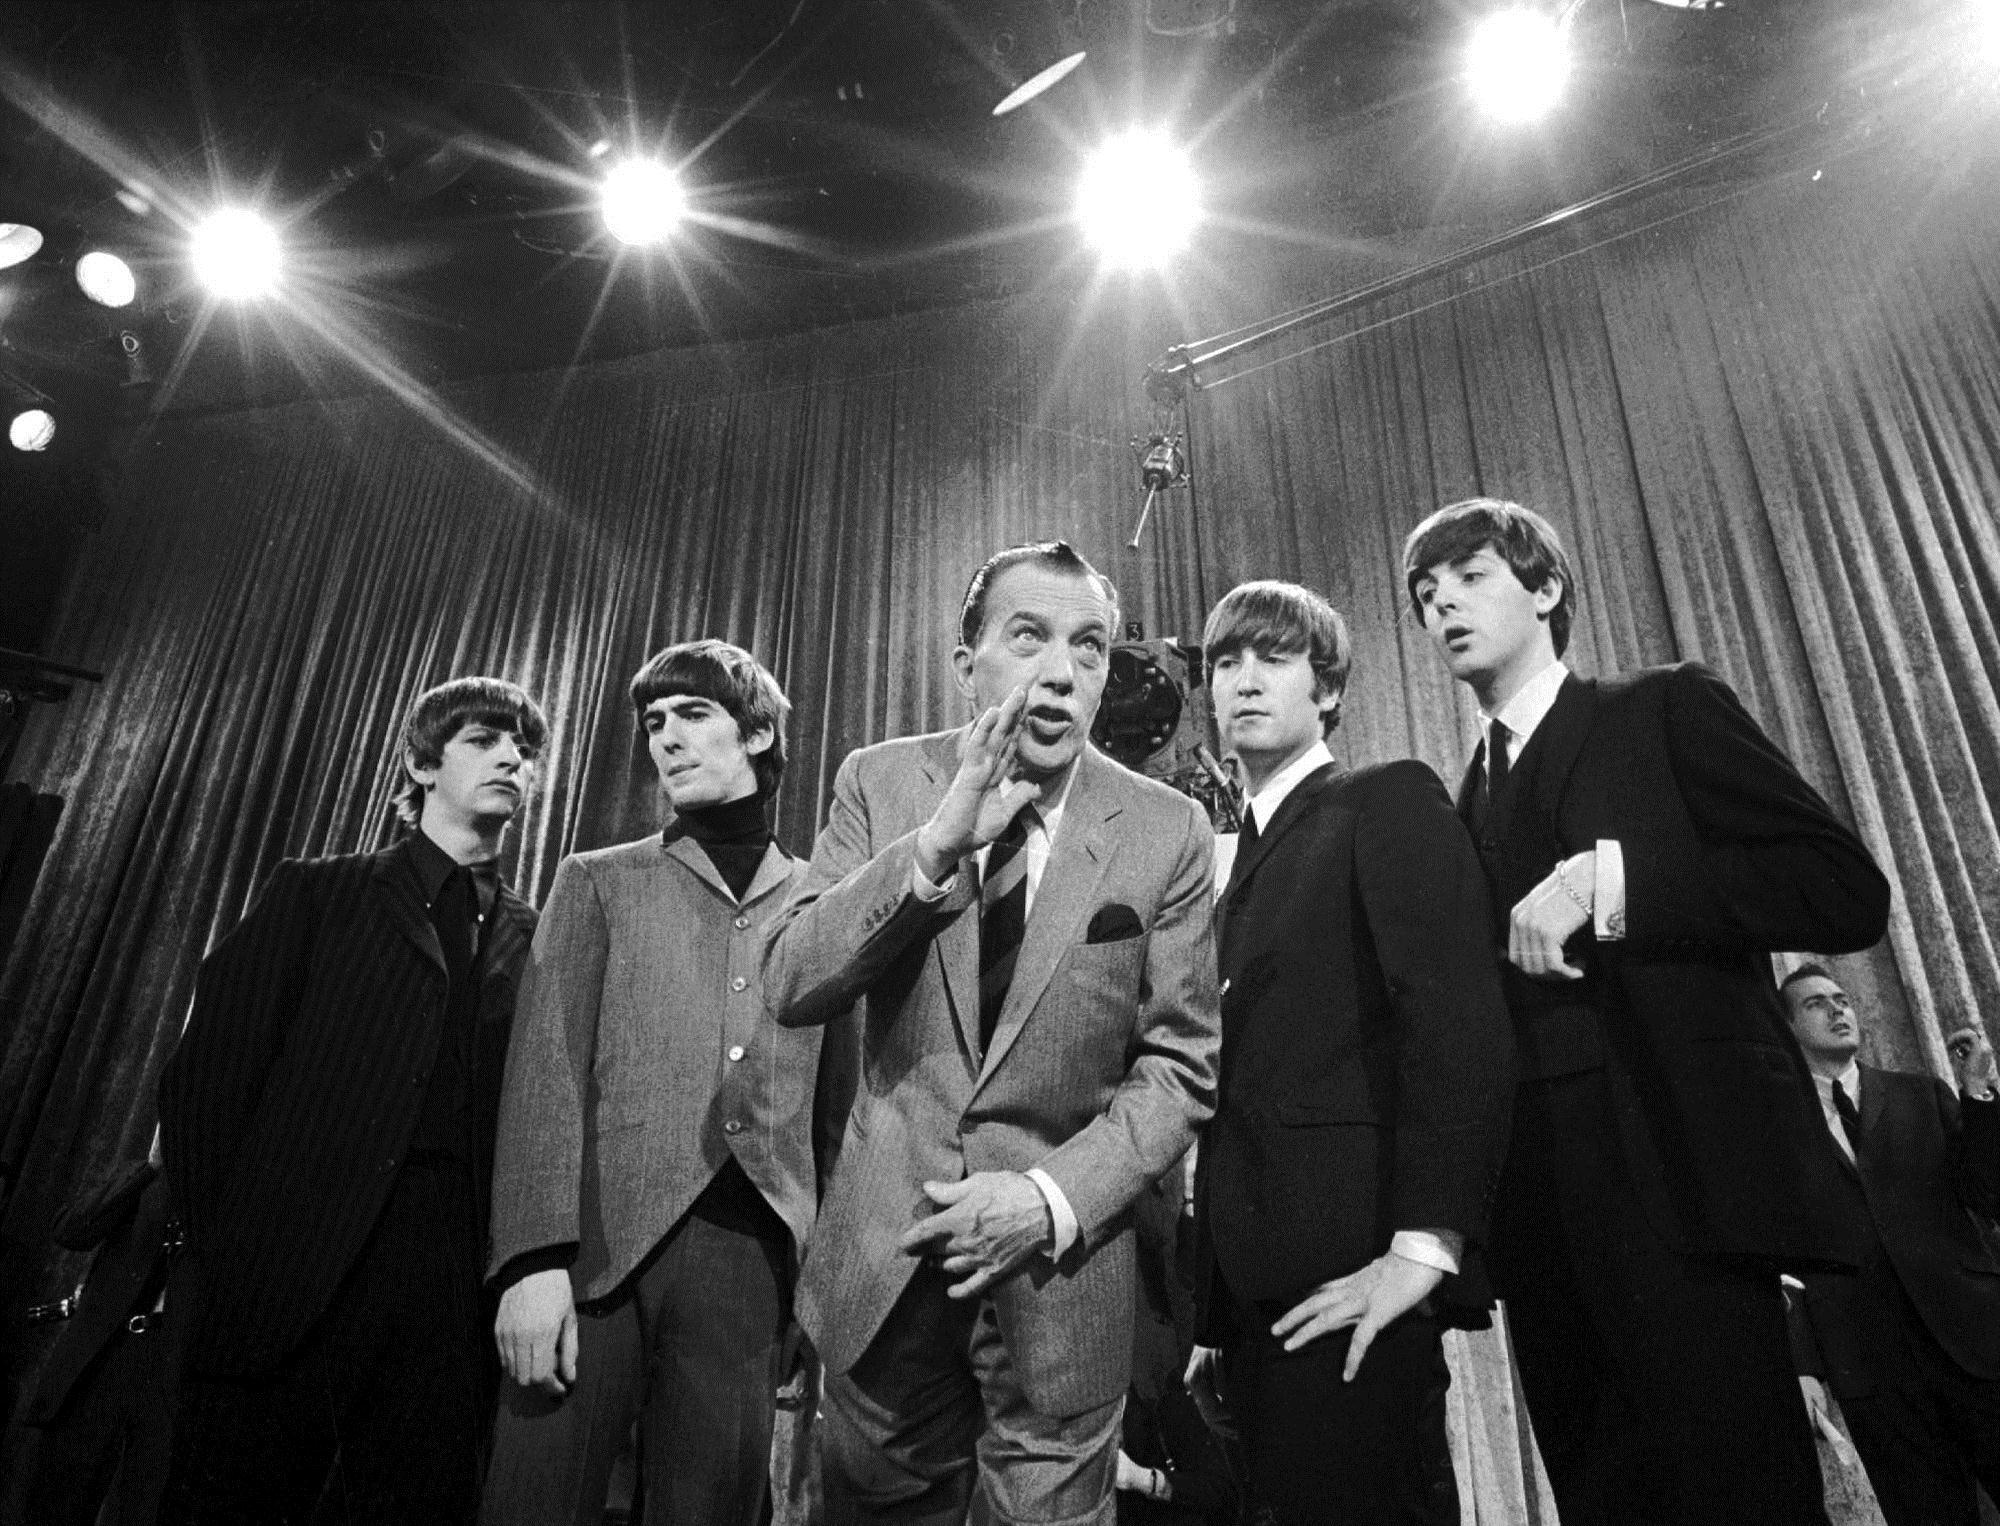 The Beatles and Ed Sullivan, February 1964. Left to right: Ringo Starr, George Harrison, Ed Sullivan, John Lennon, Paul McCartney